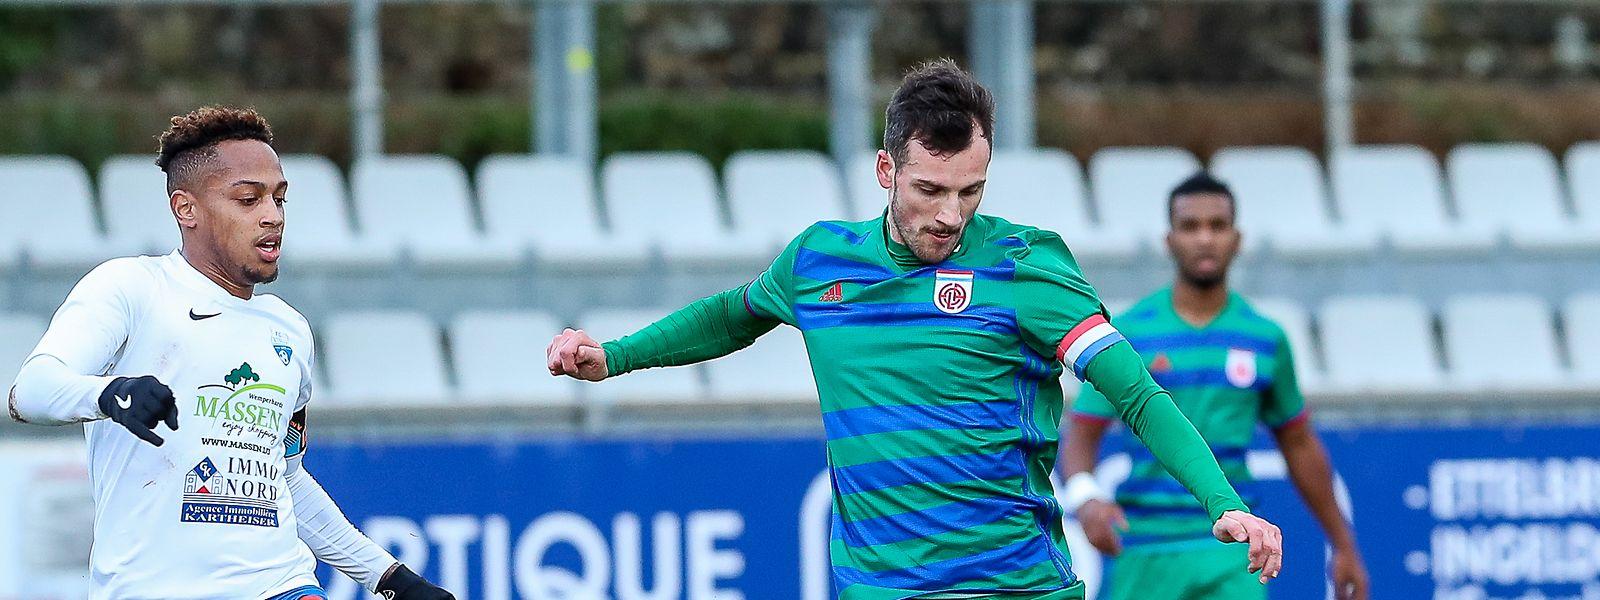 Stefano Bensi, hier gegen Etzellas Jader Soares, verlängert seinen Vertrag mit Fola im Alter von 31 Jahren um fünf weitere Saisons.